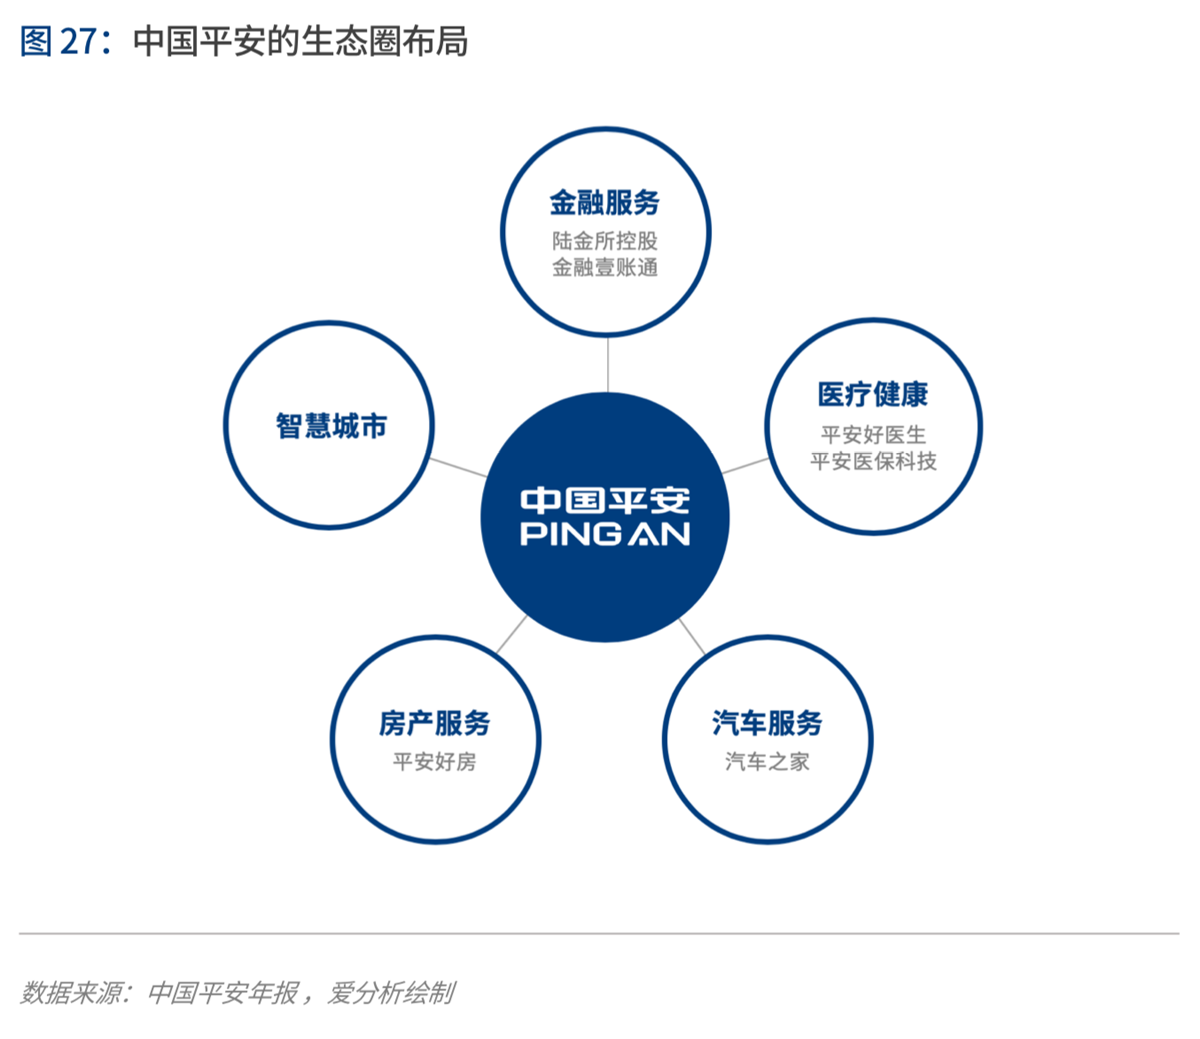 爱中POS:《2020年代:数字保险生态崛起》(PPT)